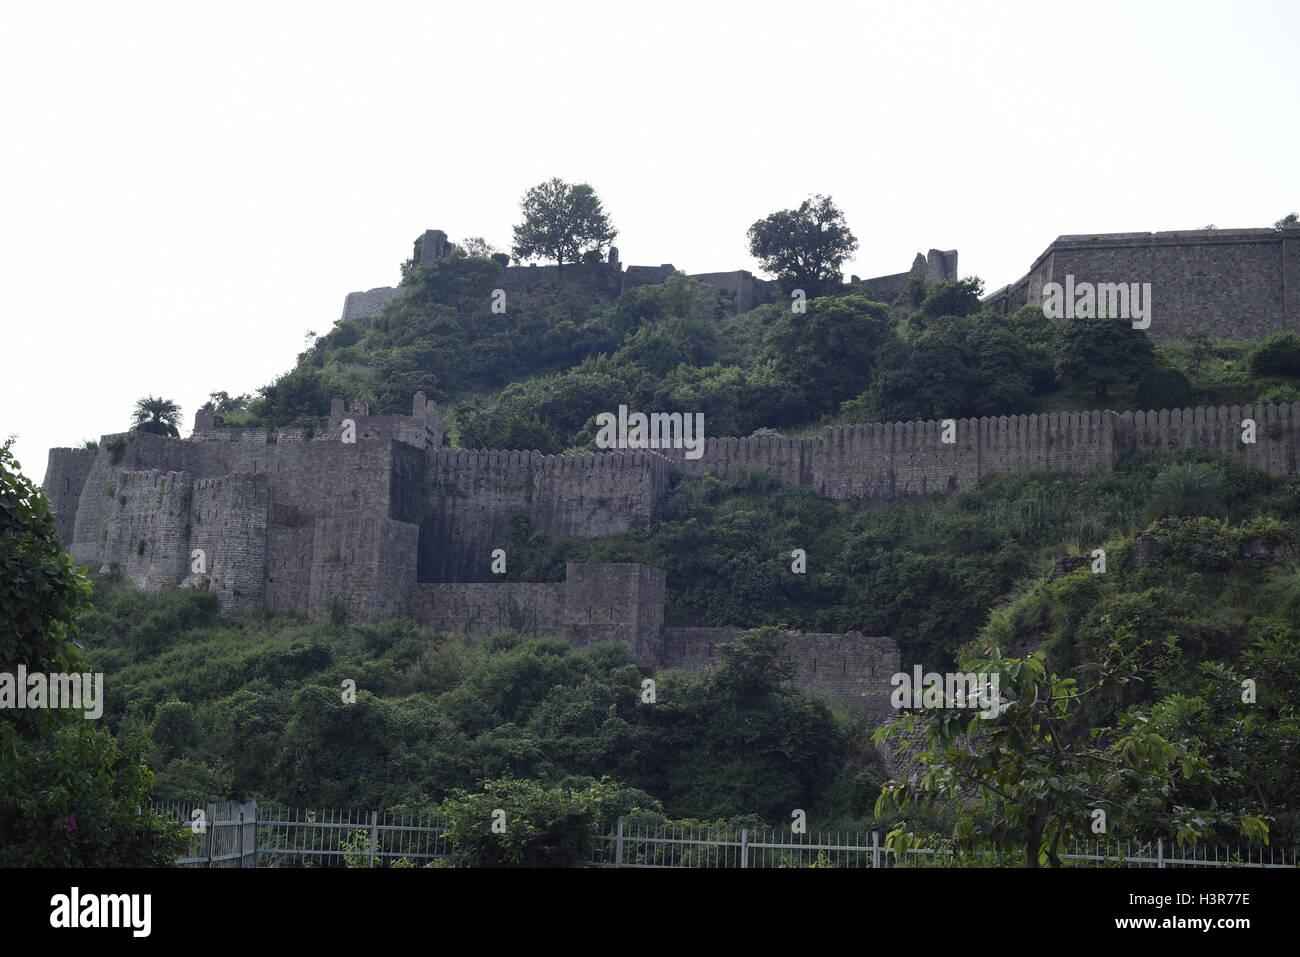 Die historische Architektur Kangra Fort ist befindet sich 20 Kilometer von der Stadt Dharamsala am Stadtrand von Kangra, Indien. Stockfoto